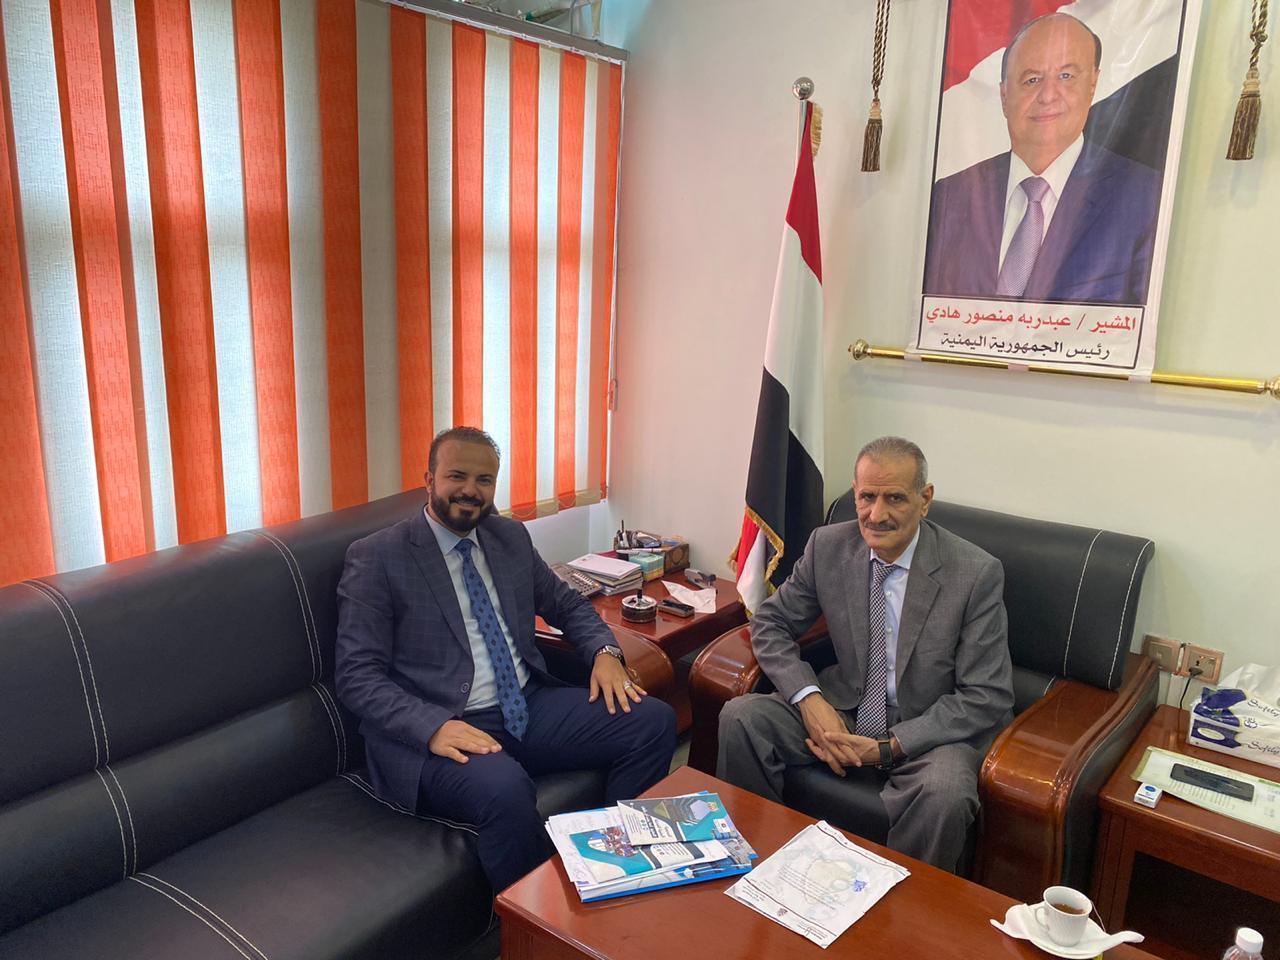 وزير التربية يناقش تدشين العام الدراسي الجديد في مدارس الجالية بالقاهرة